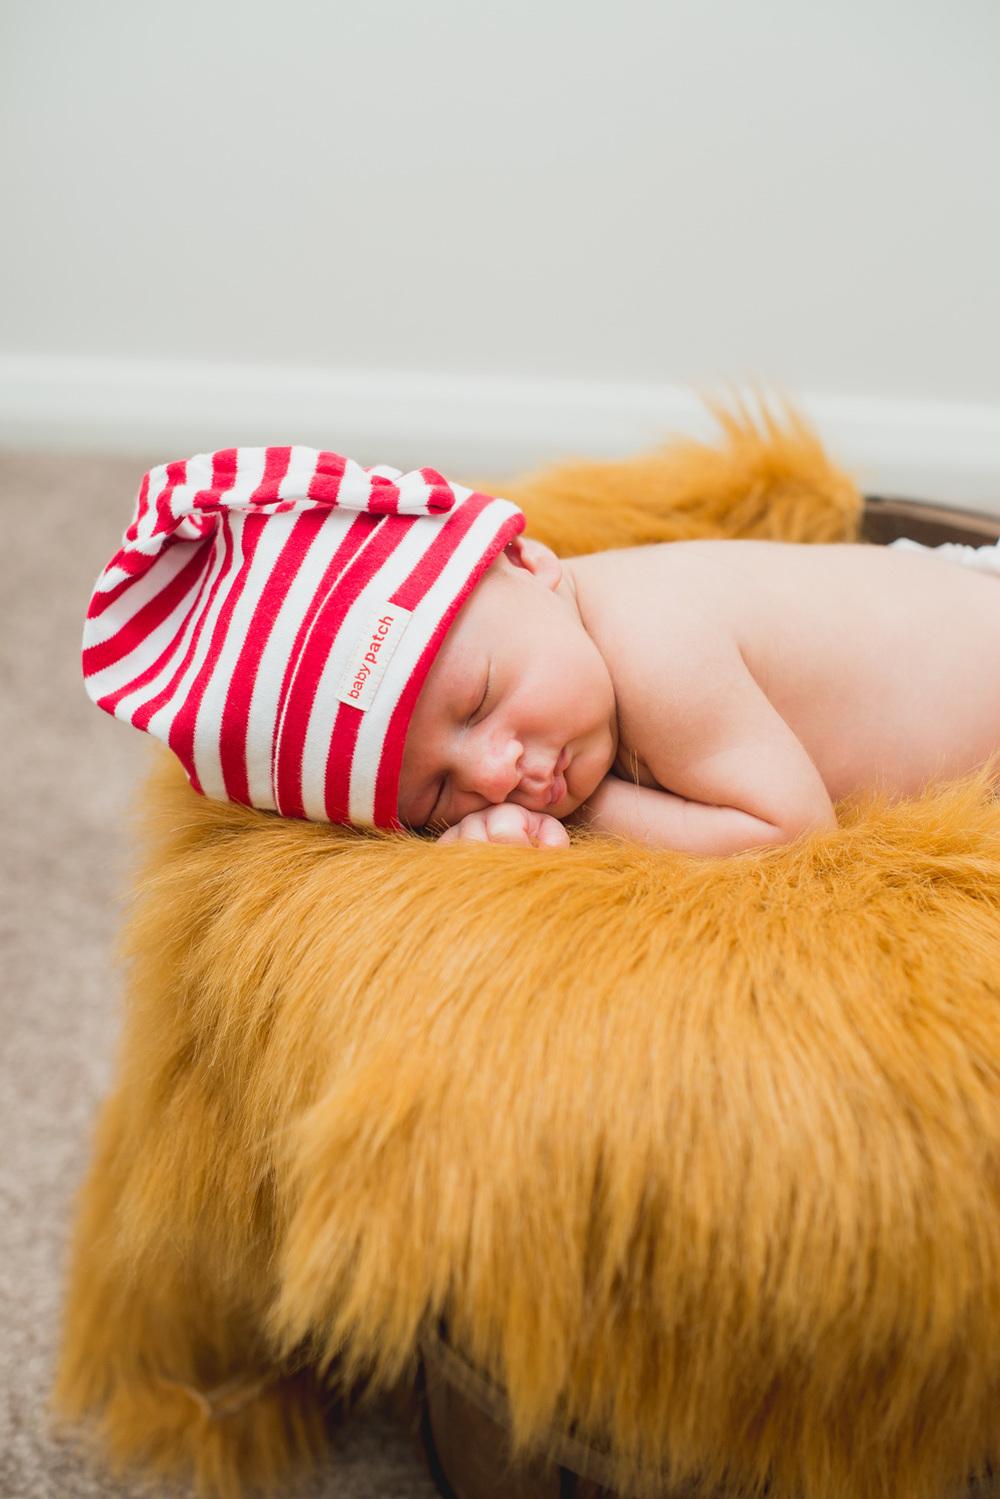 Baby IMAGE 020 - 8445.jpg